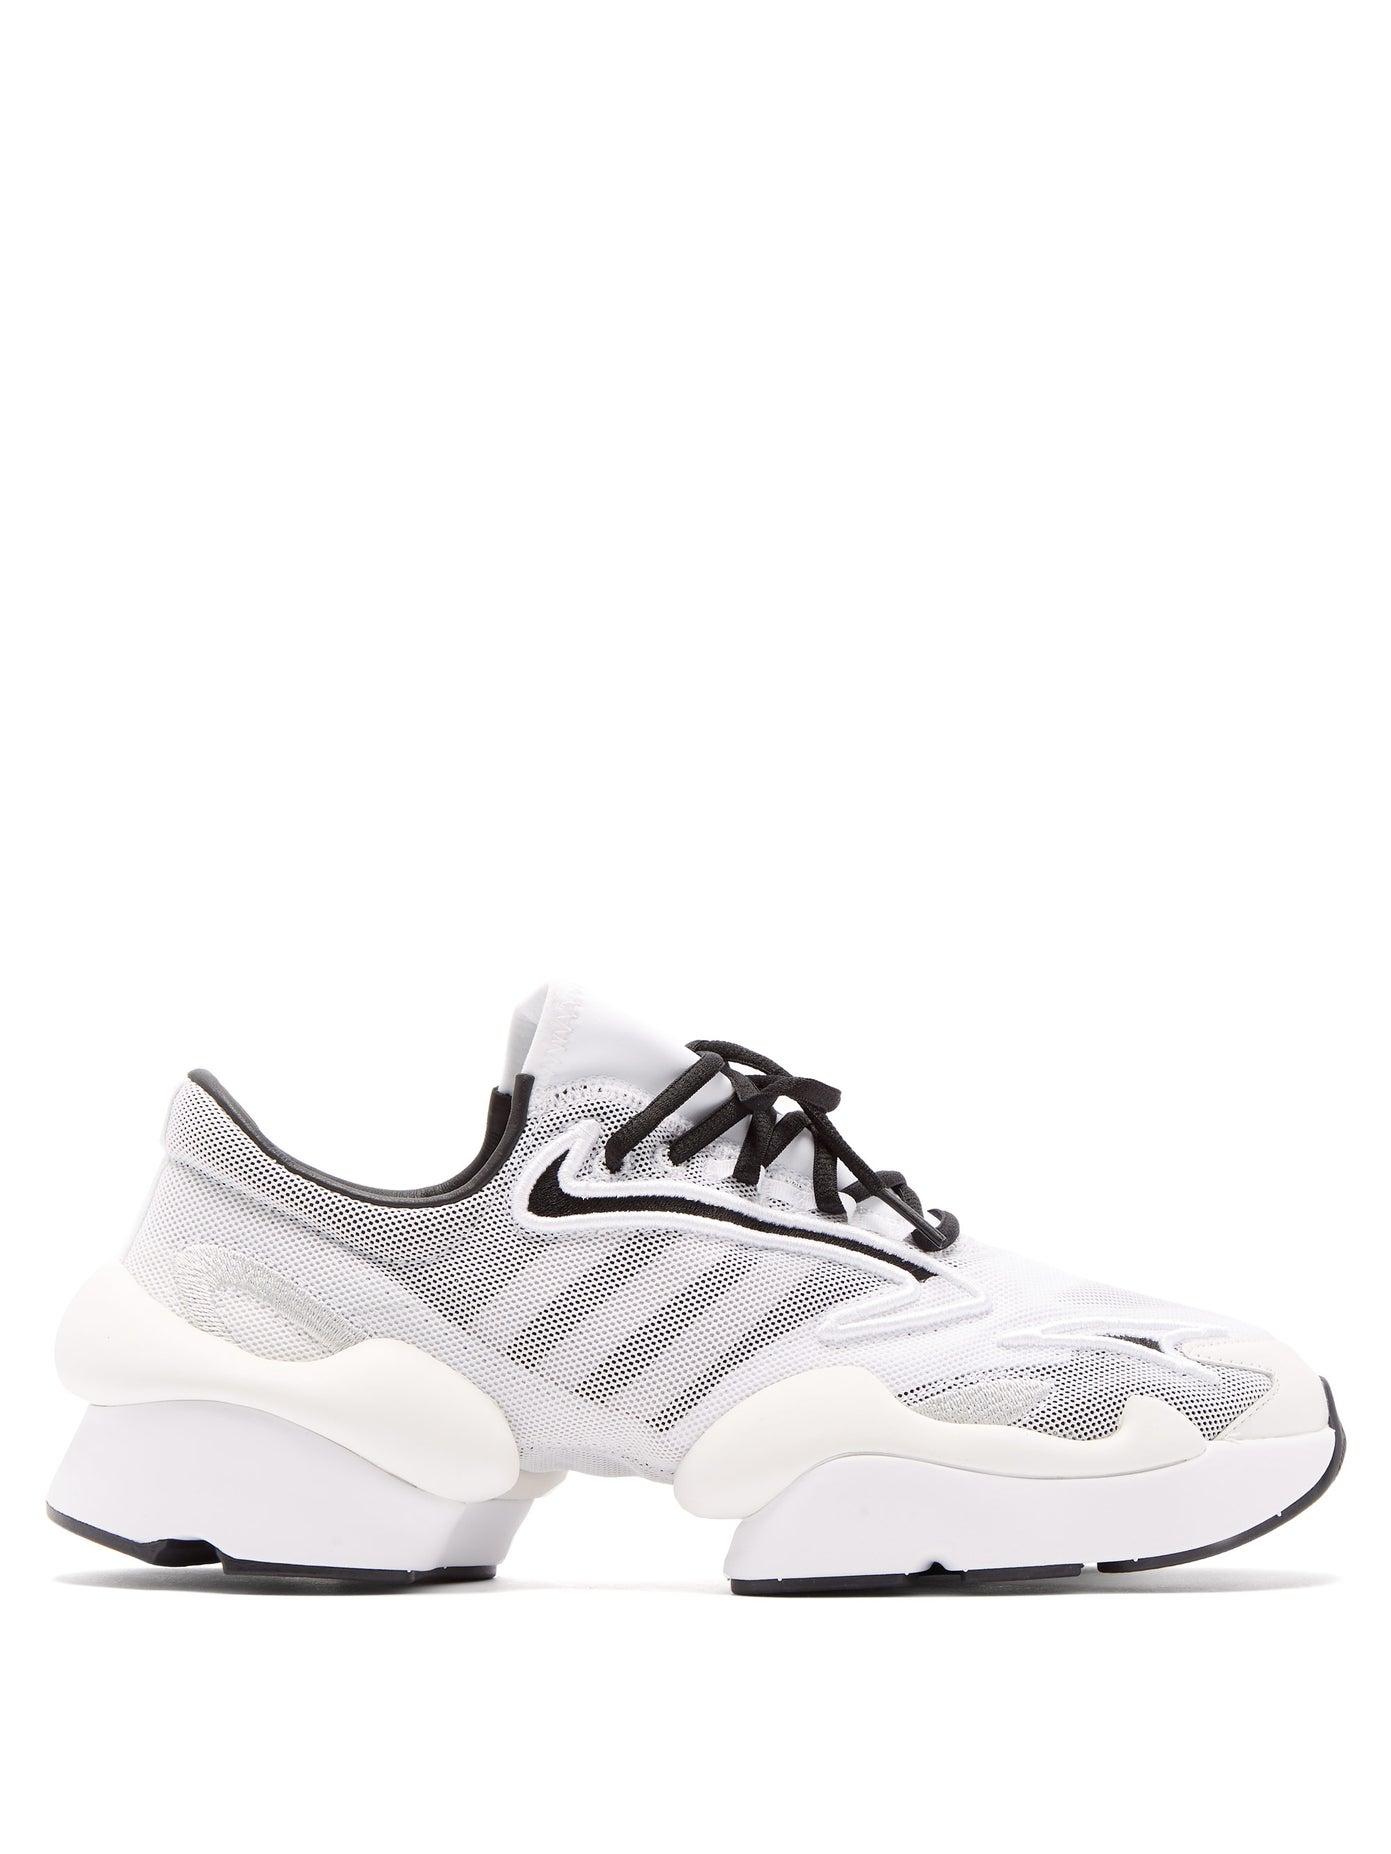 Die besten weißen Sneaker 2020: Y-3 white sneakers